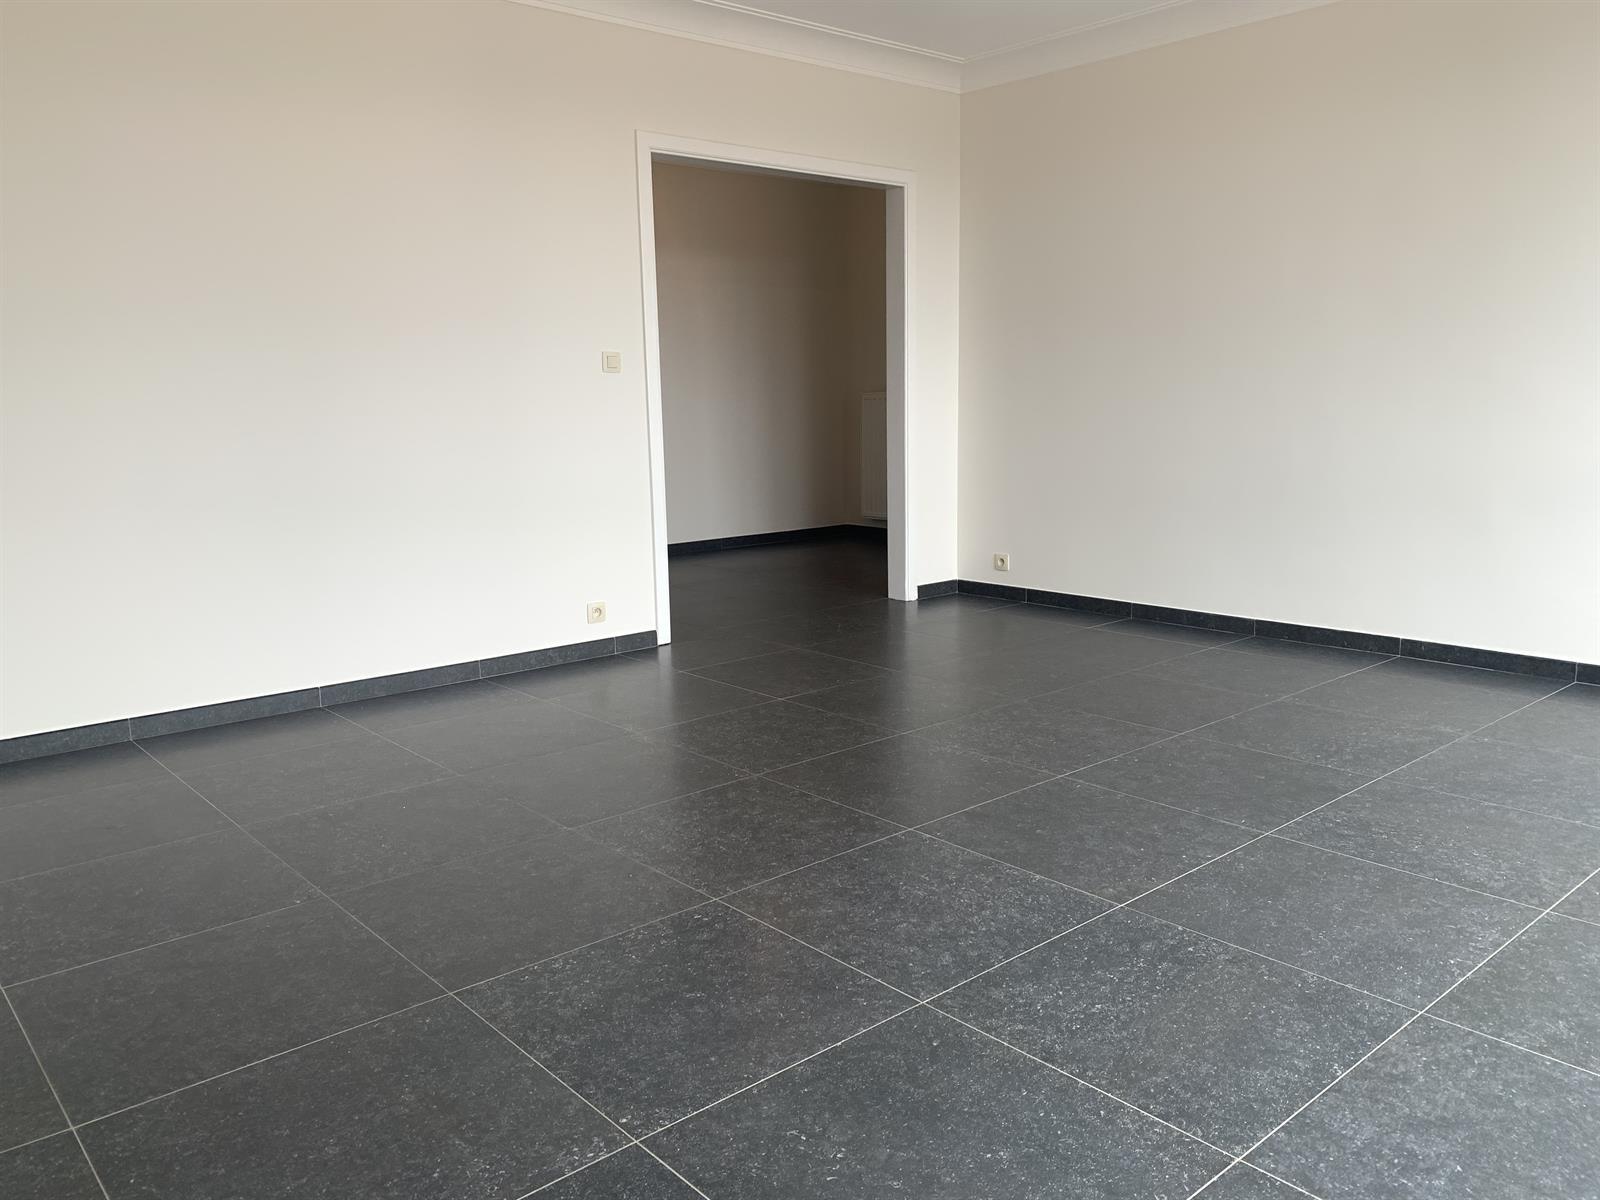 Flat - Schaerbeek - #4394057-3